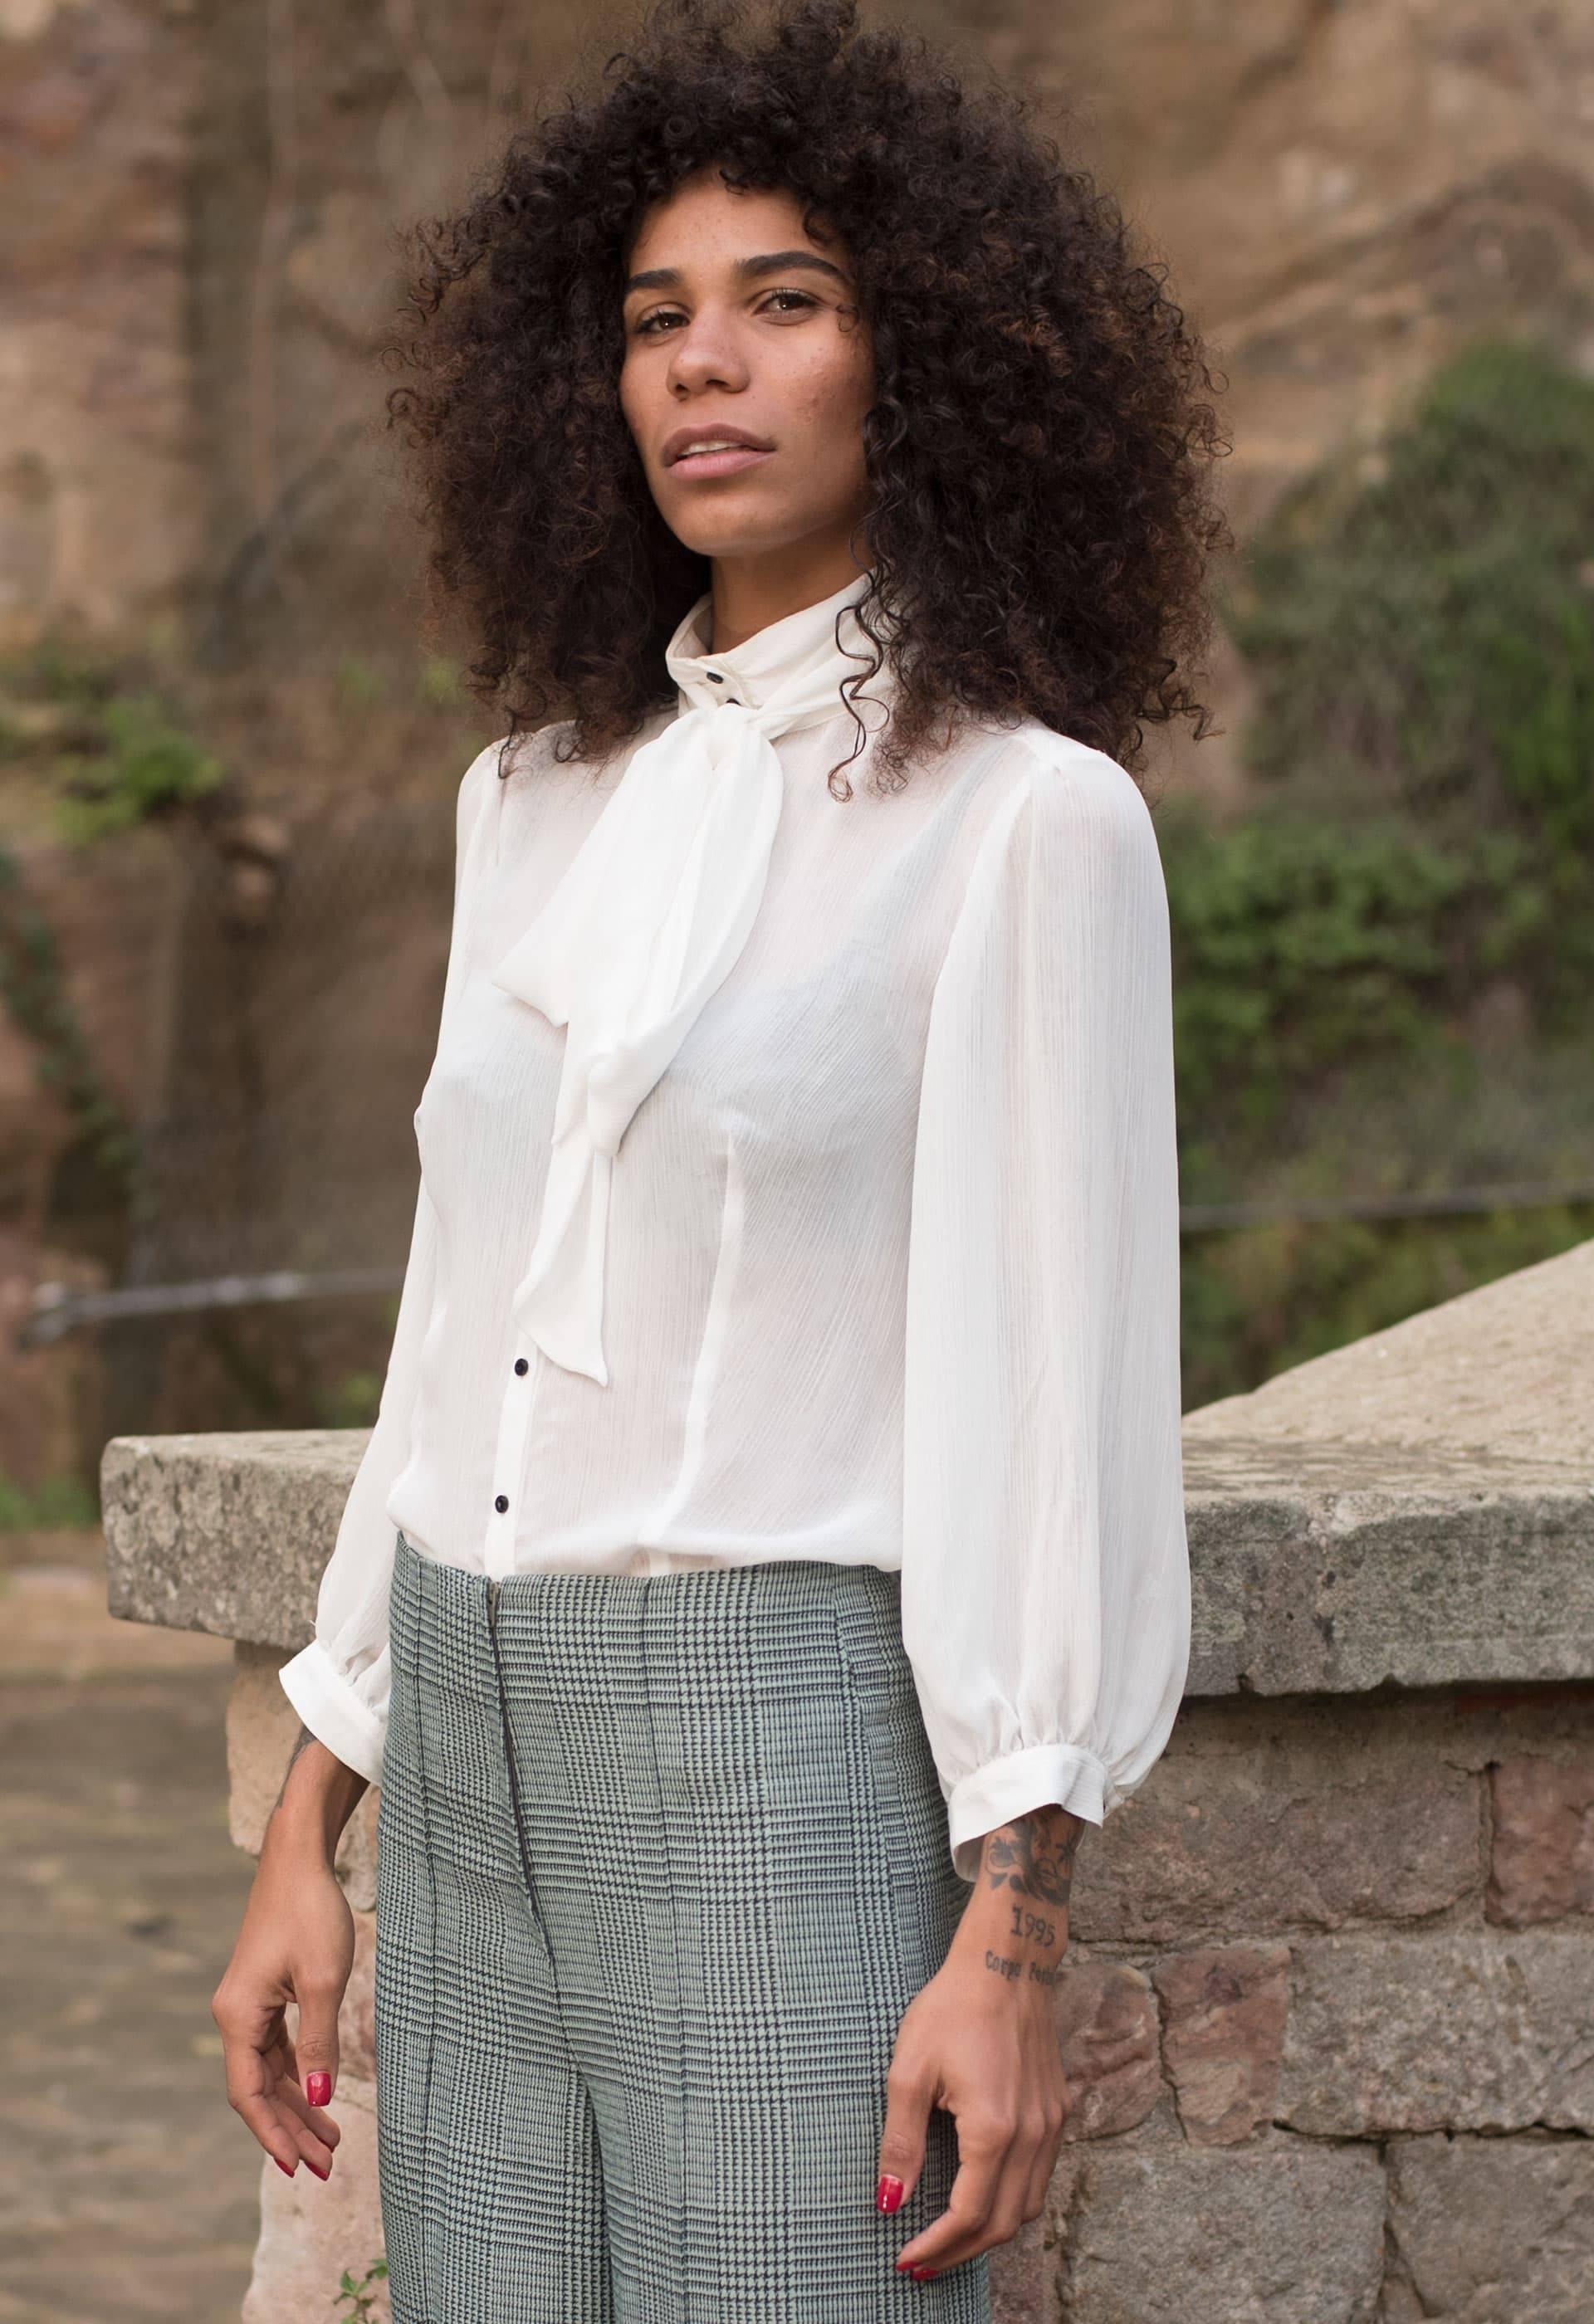 PRÊT À PORTER-REBAJAS - BLUSAS - Blusa con lazo blanca de IO DREAMS